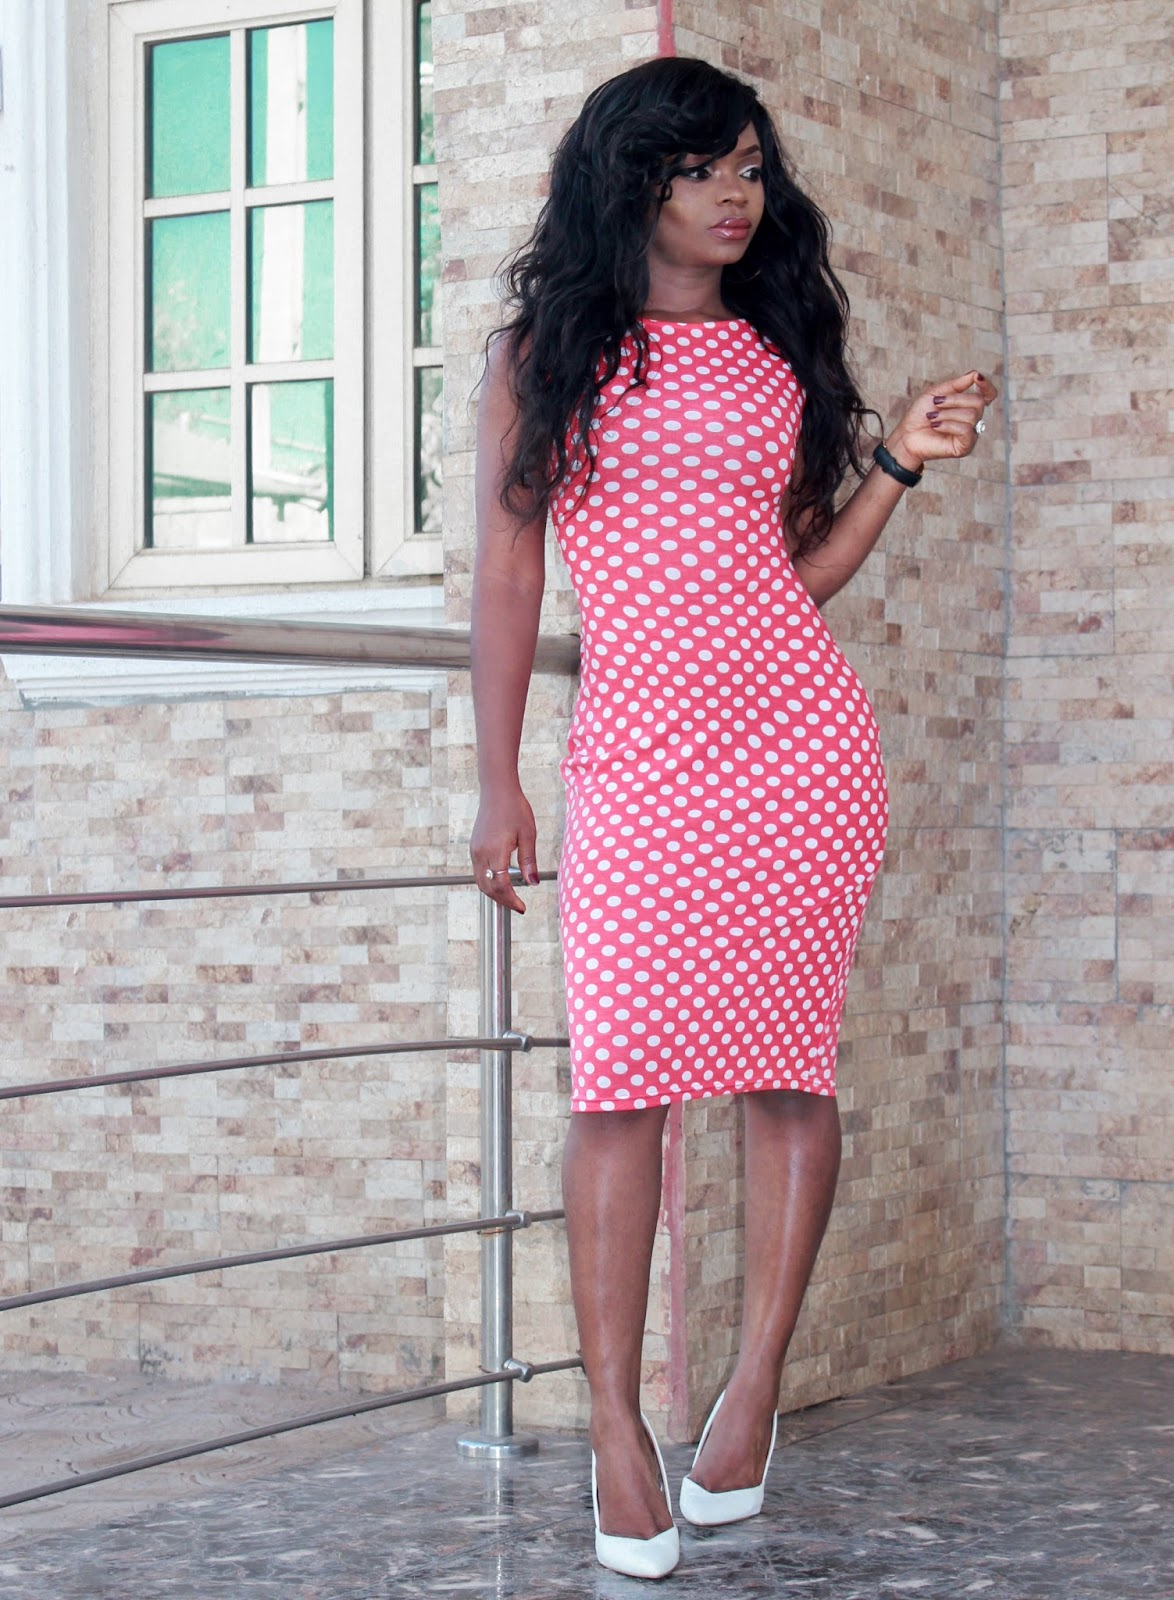 POLKADOT - Red & White Polka dot dress